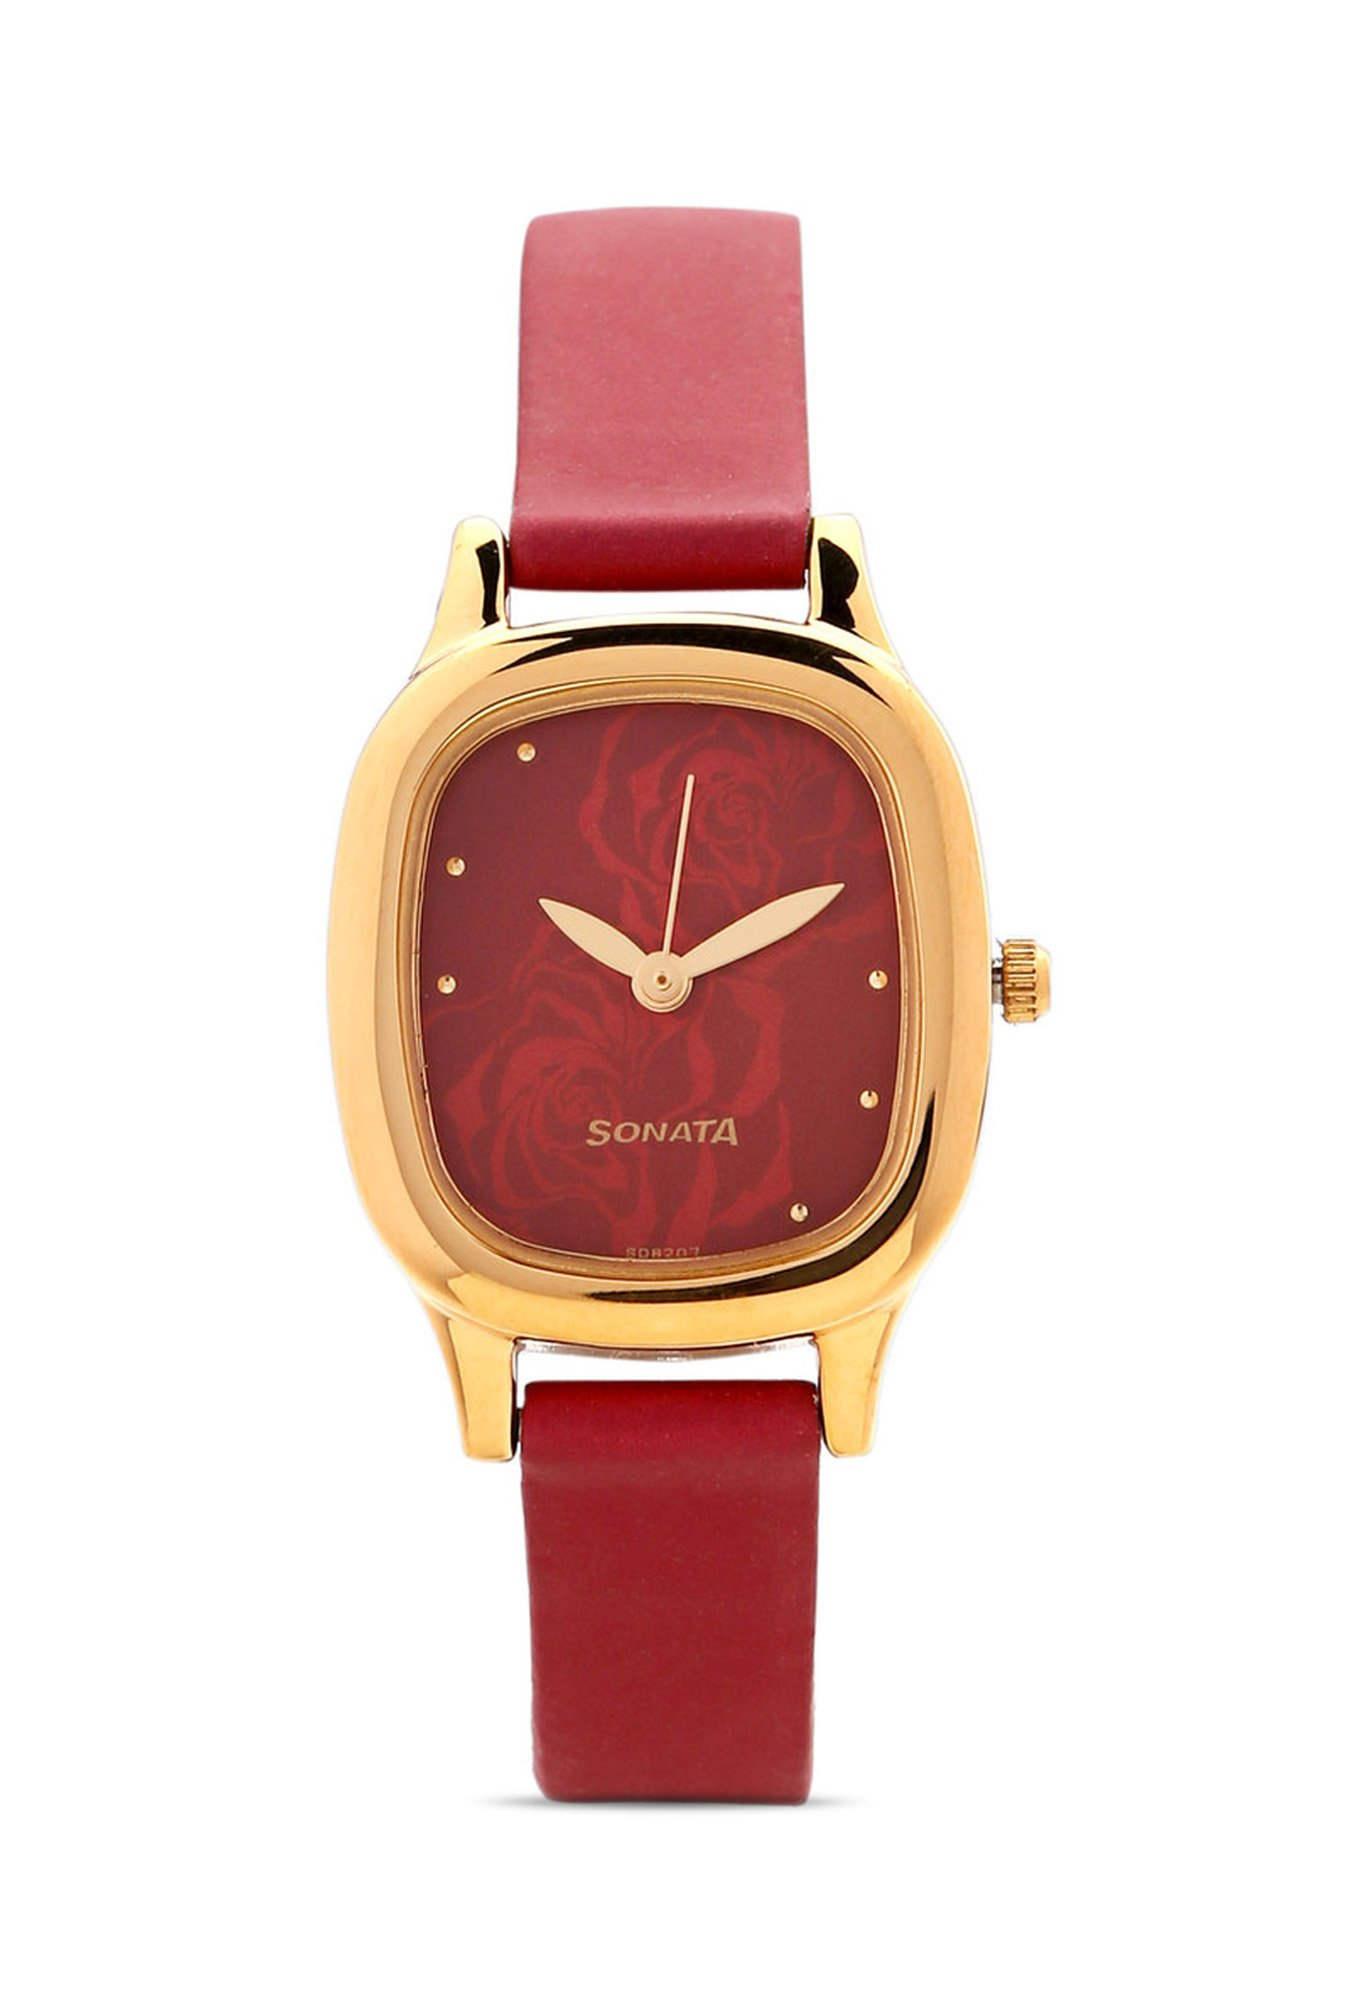 Sonata NG8060YL03C Superfibre Analog Red Dial Women's Watch (NG8060YL03C)